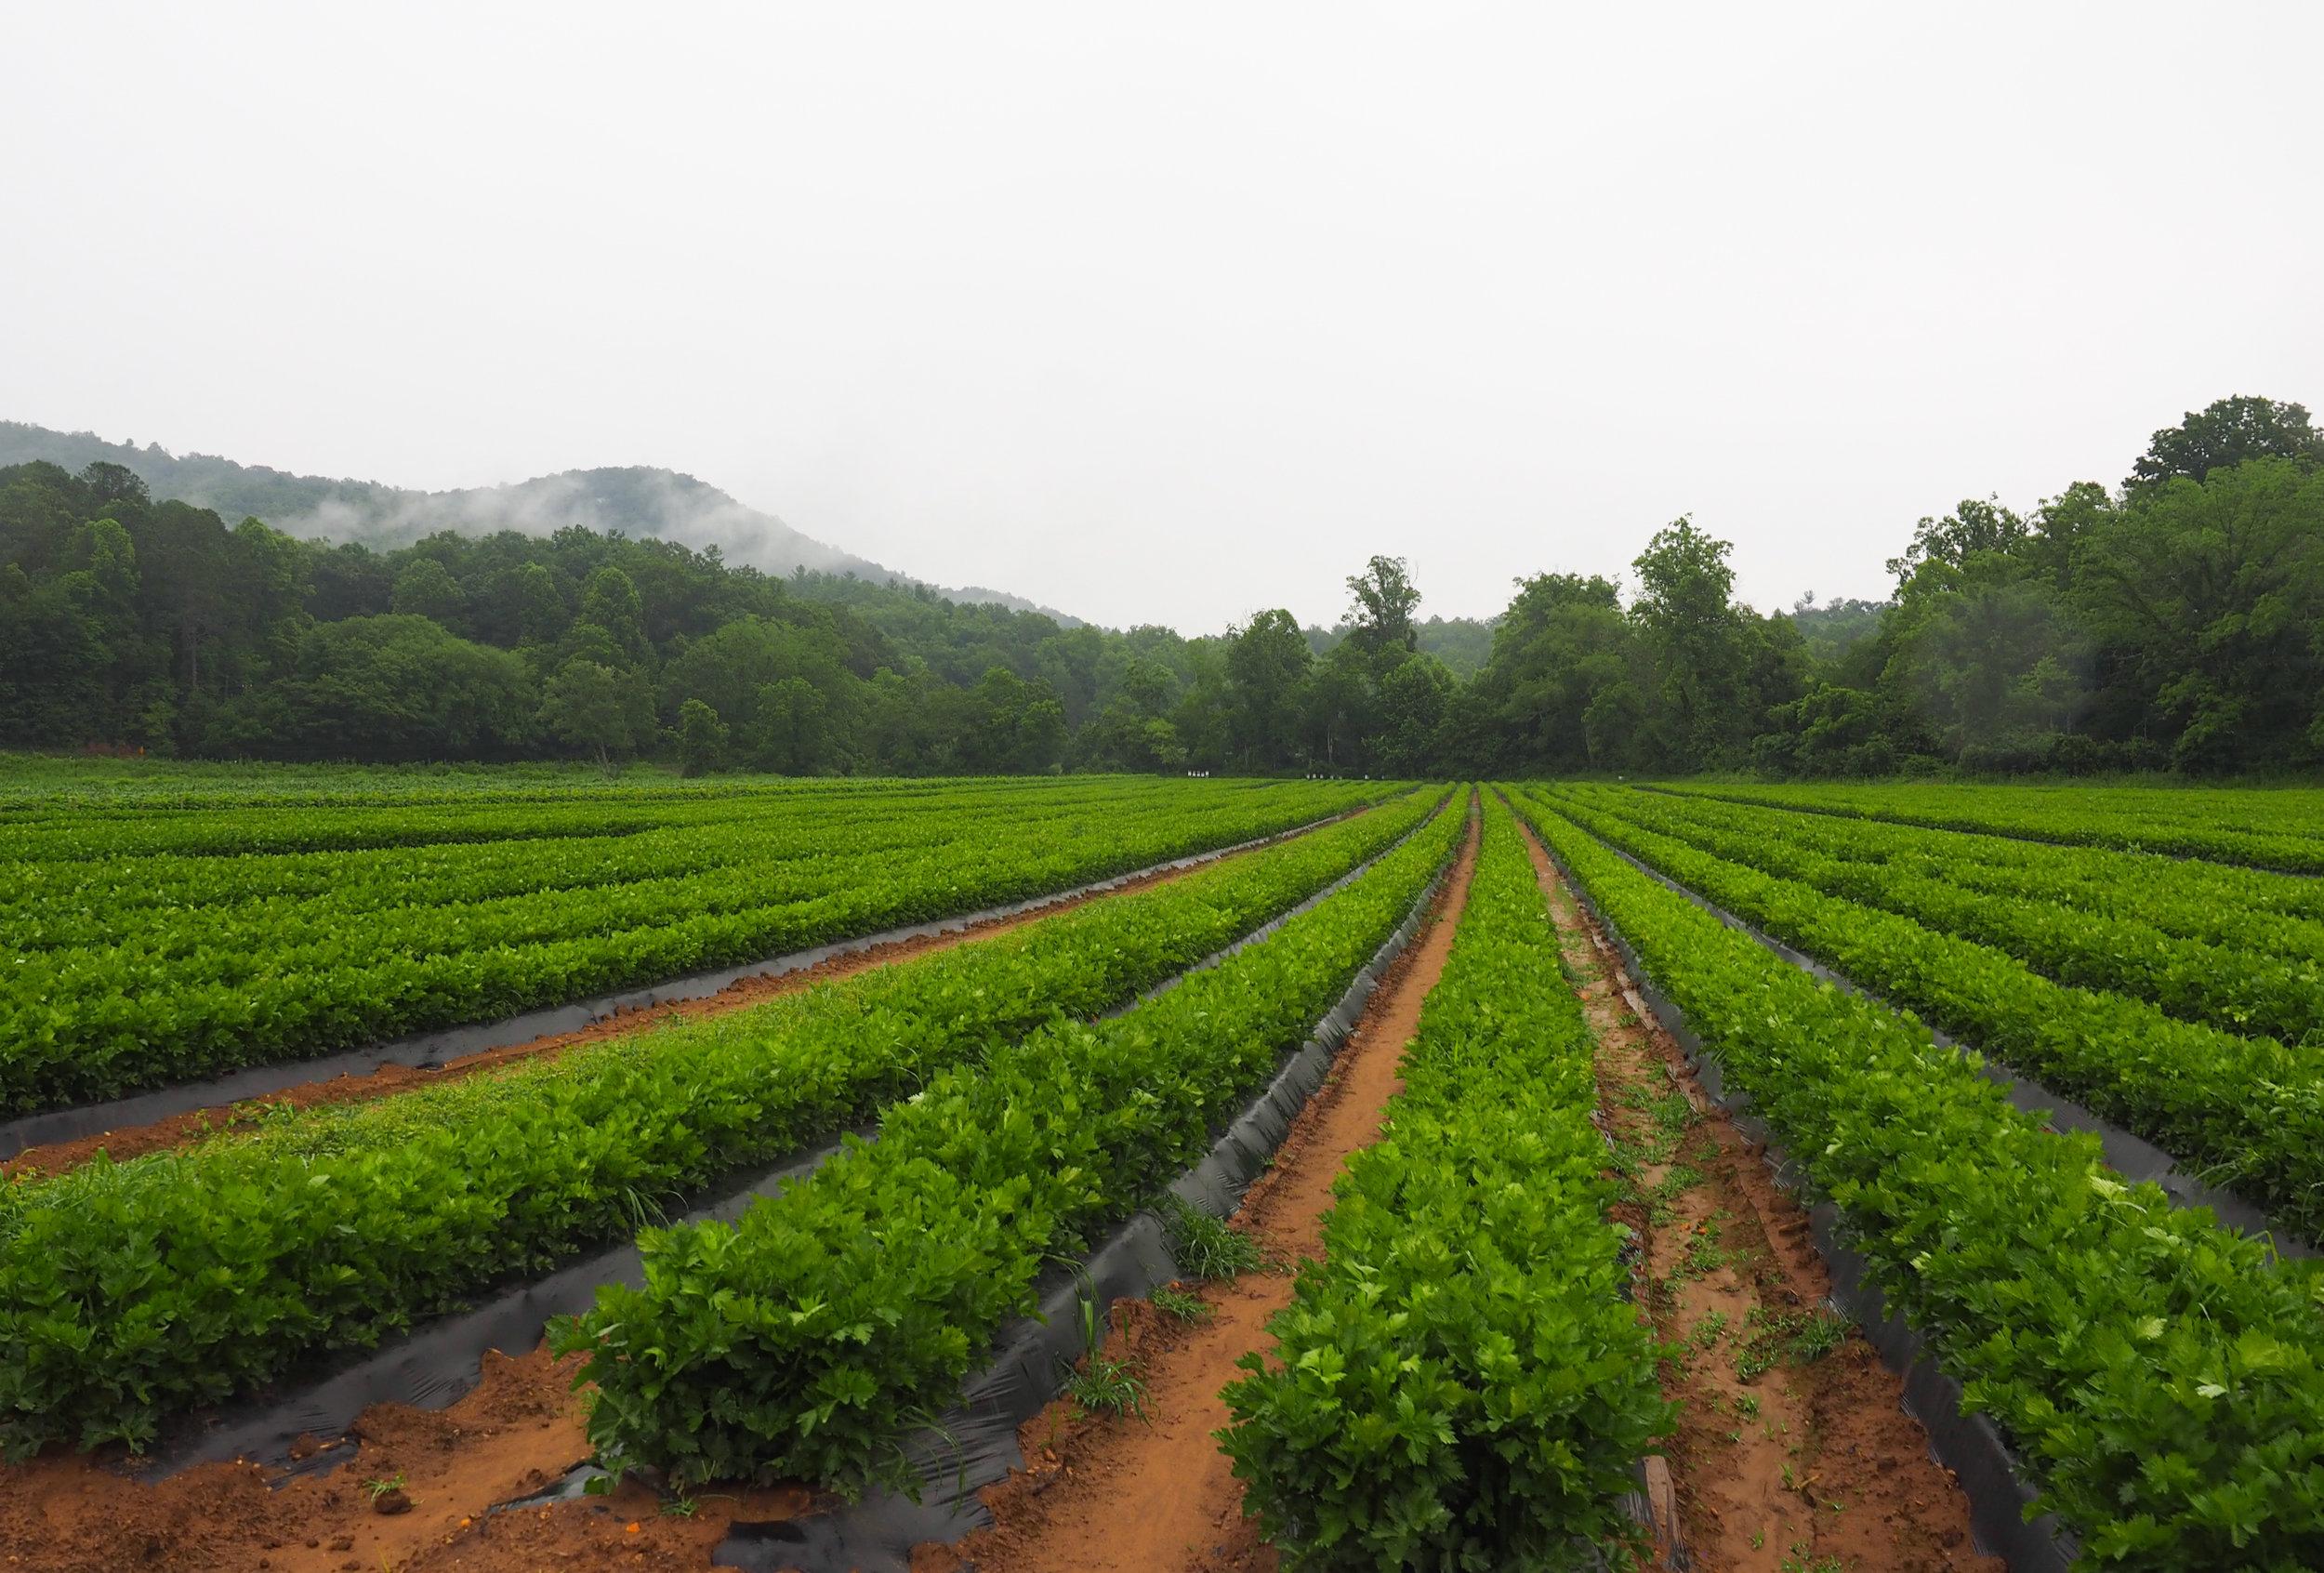 Fields of celery.